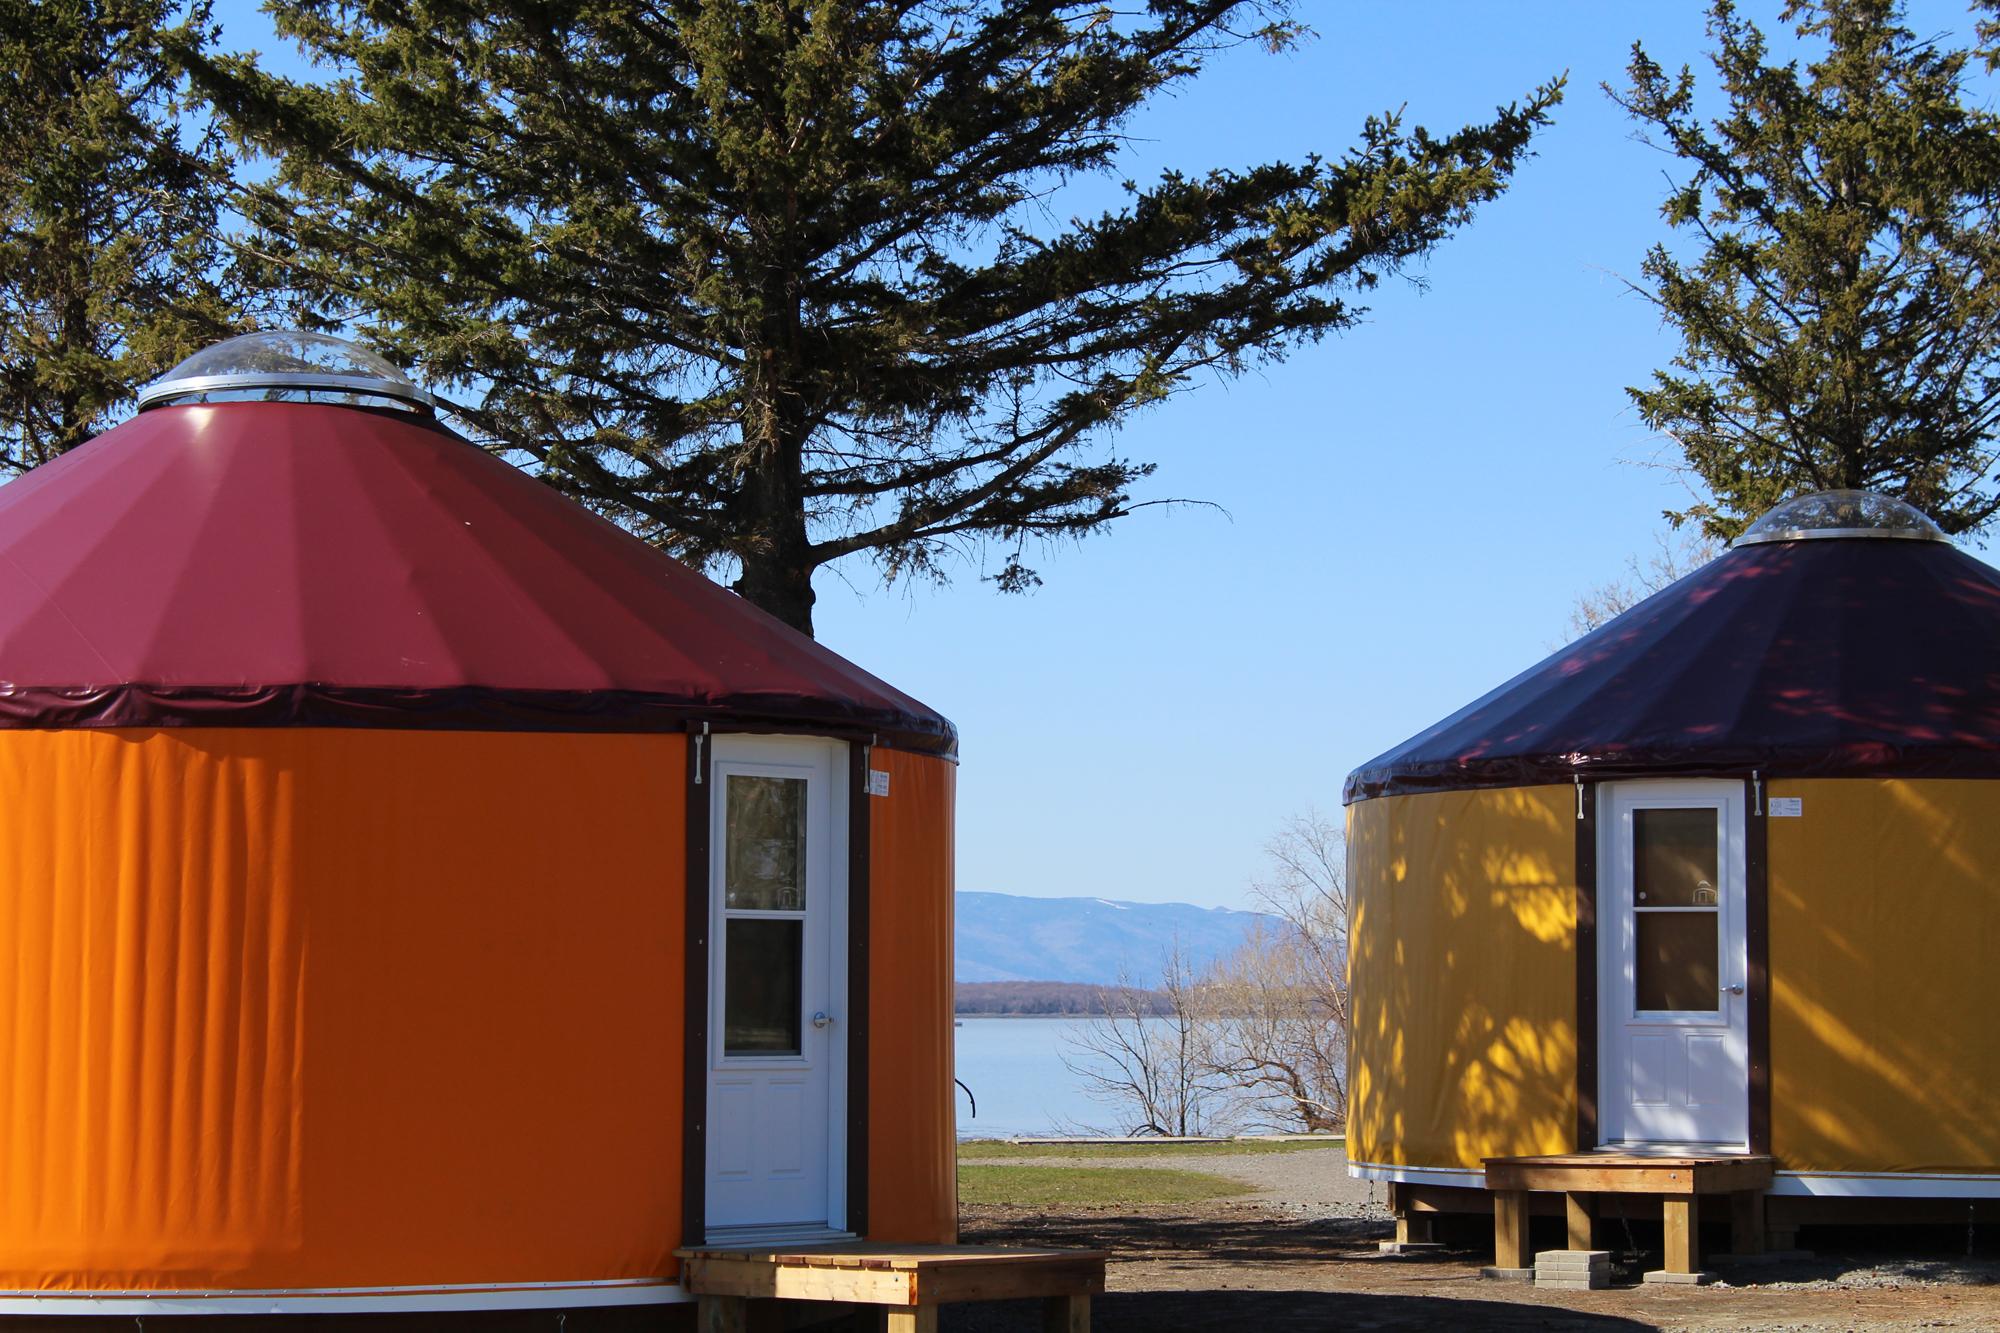 Eclairage Salle De Bain Sans Electricite ~ trois nouvelles yourtes disponibles d s cet t au camping pointe